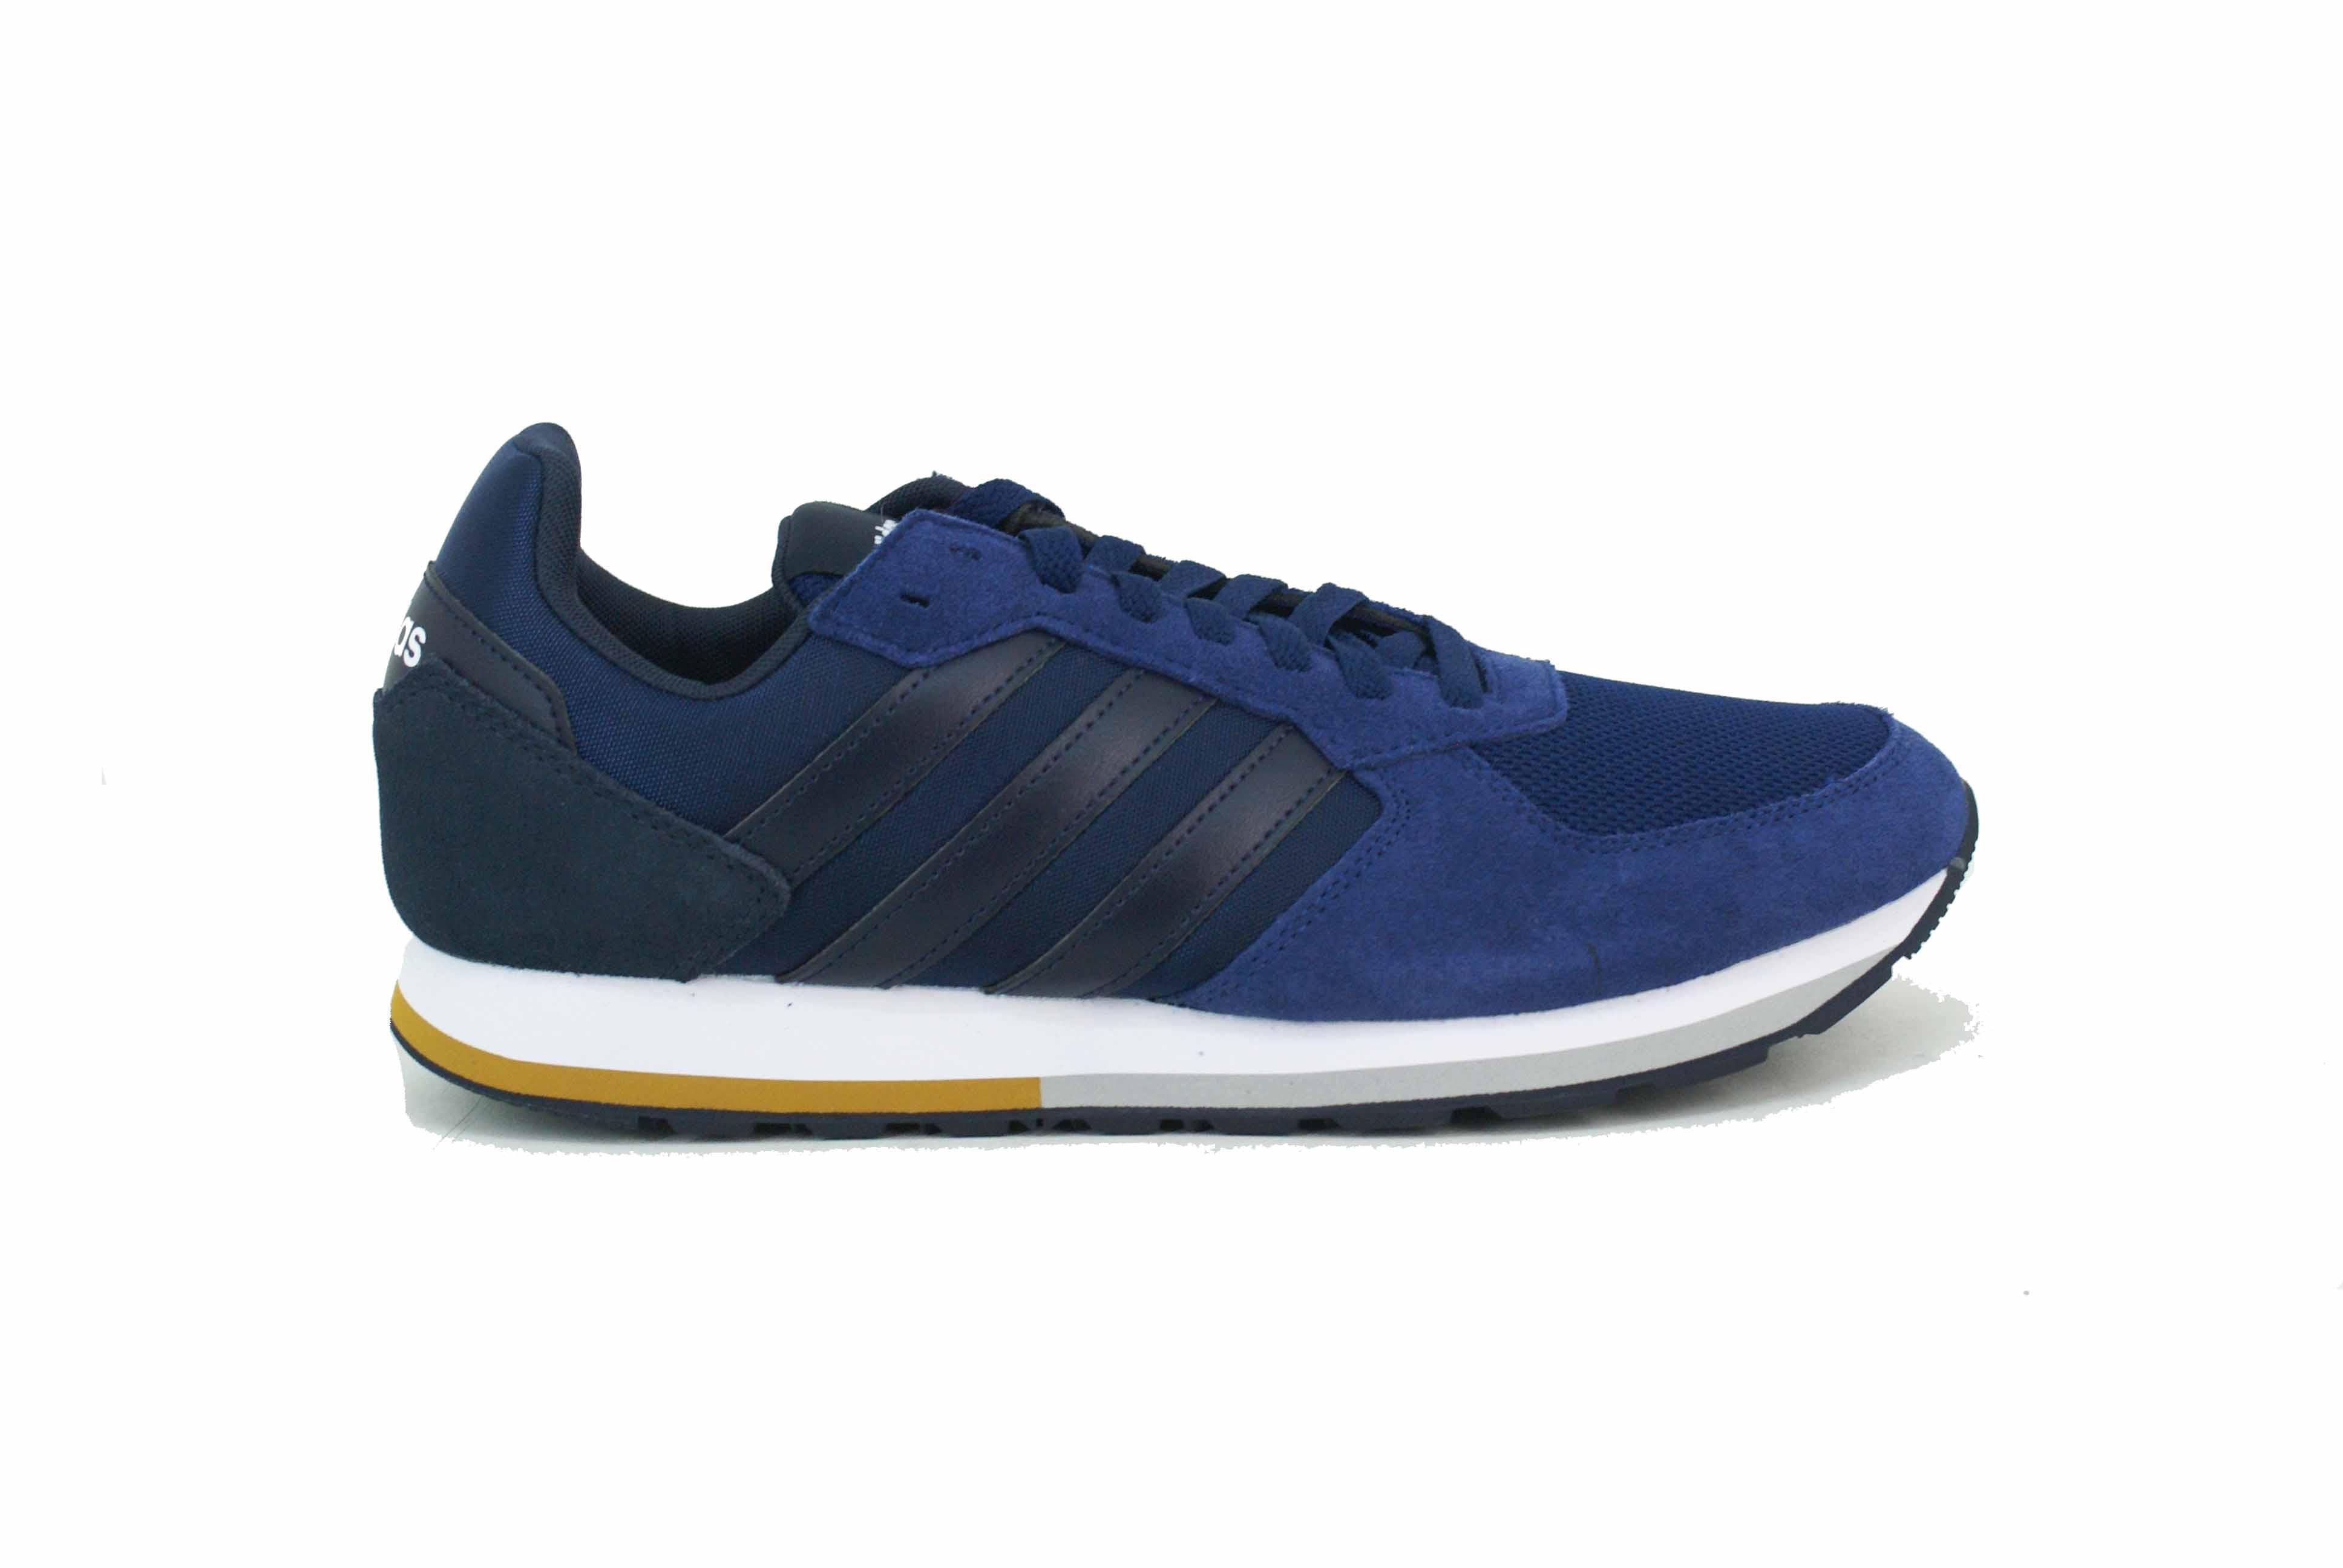 Zapatilla Adidas 8k Azul/Azul Hombre